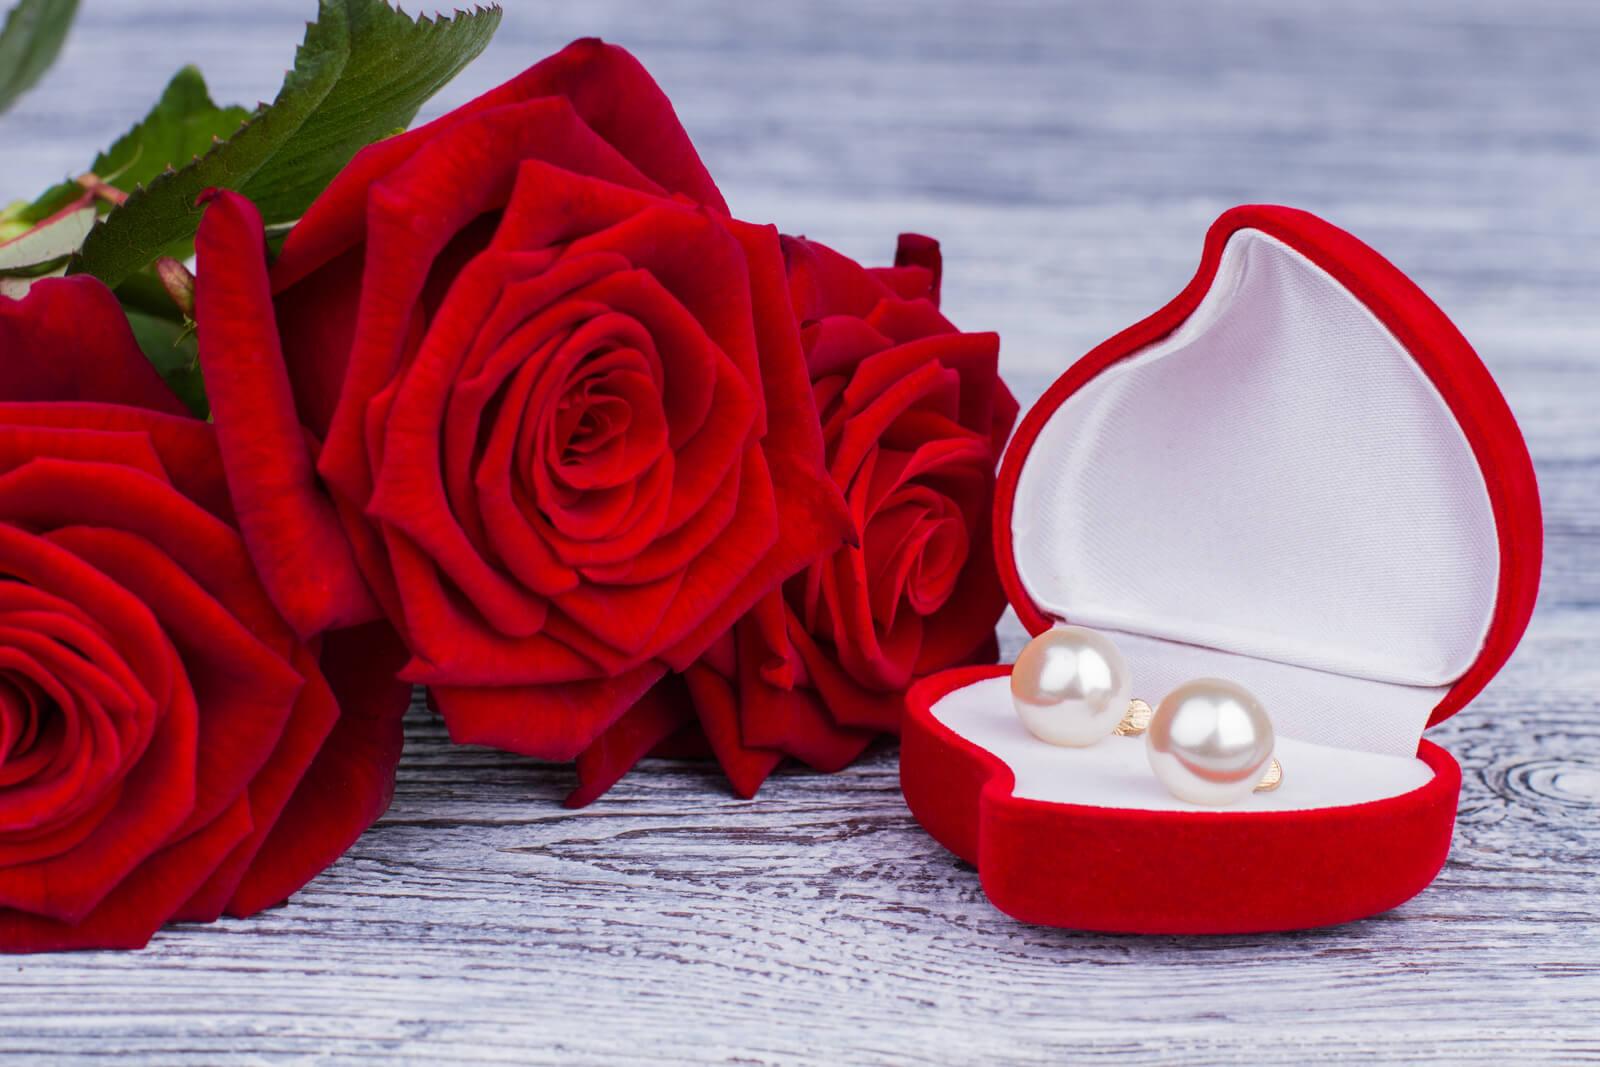 Šperky k Valentýnu